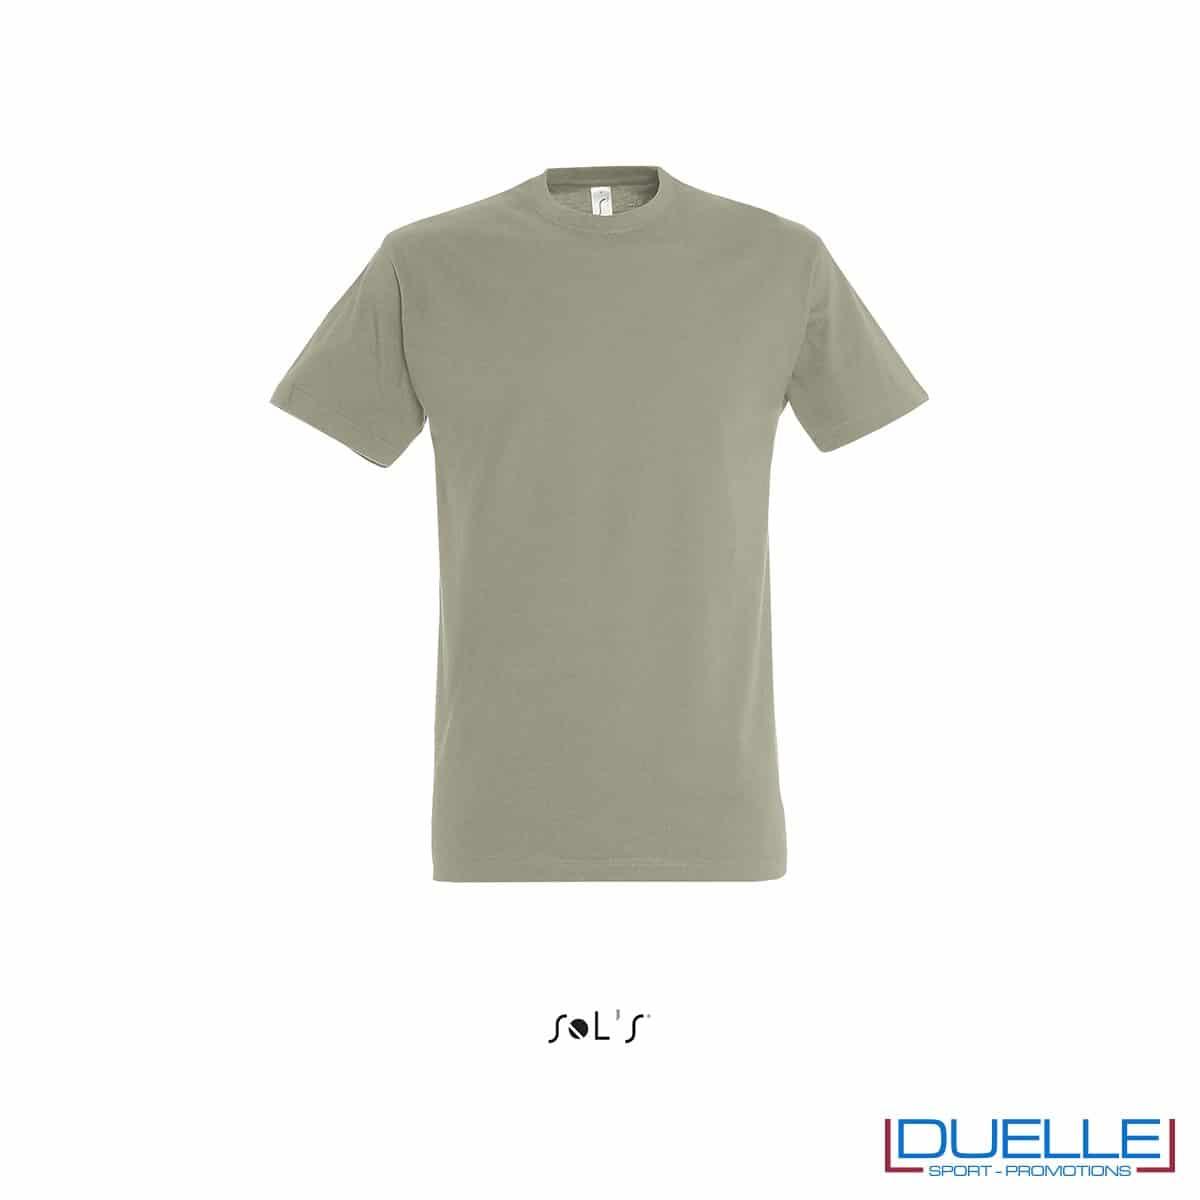 T-shirt promozionale in cotone pesante colore kaki personalizzata con stampa o ricamo